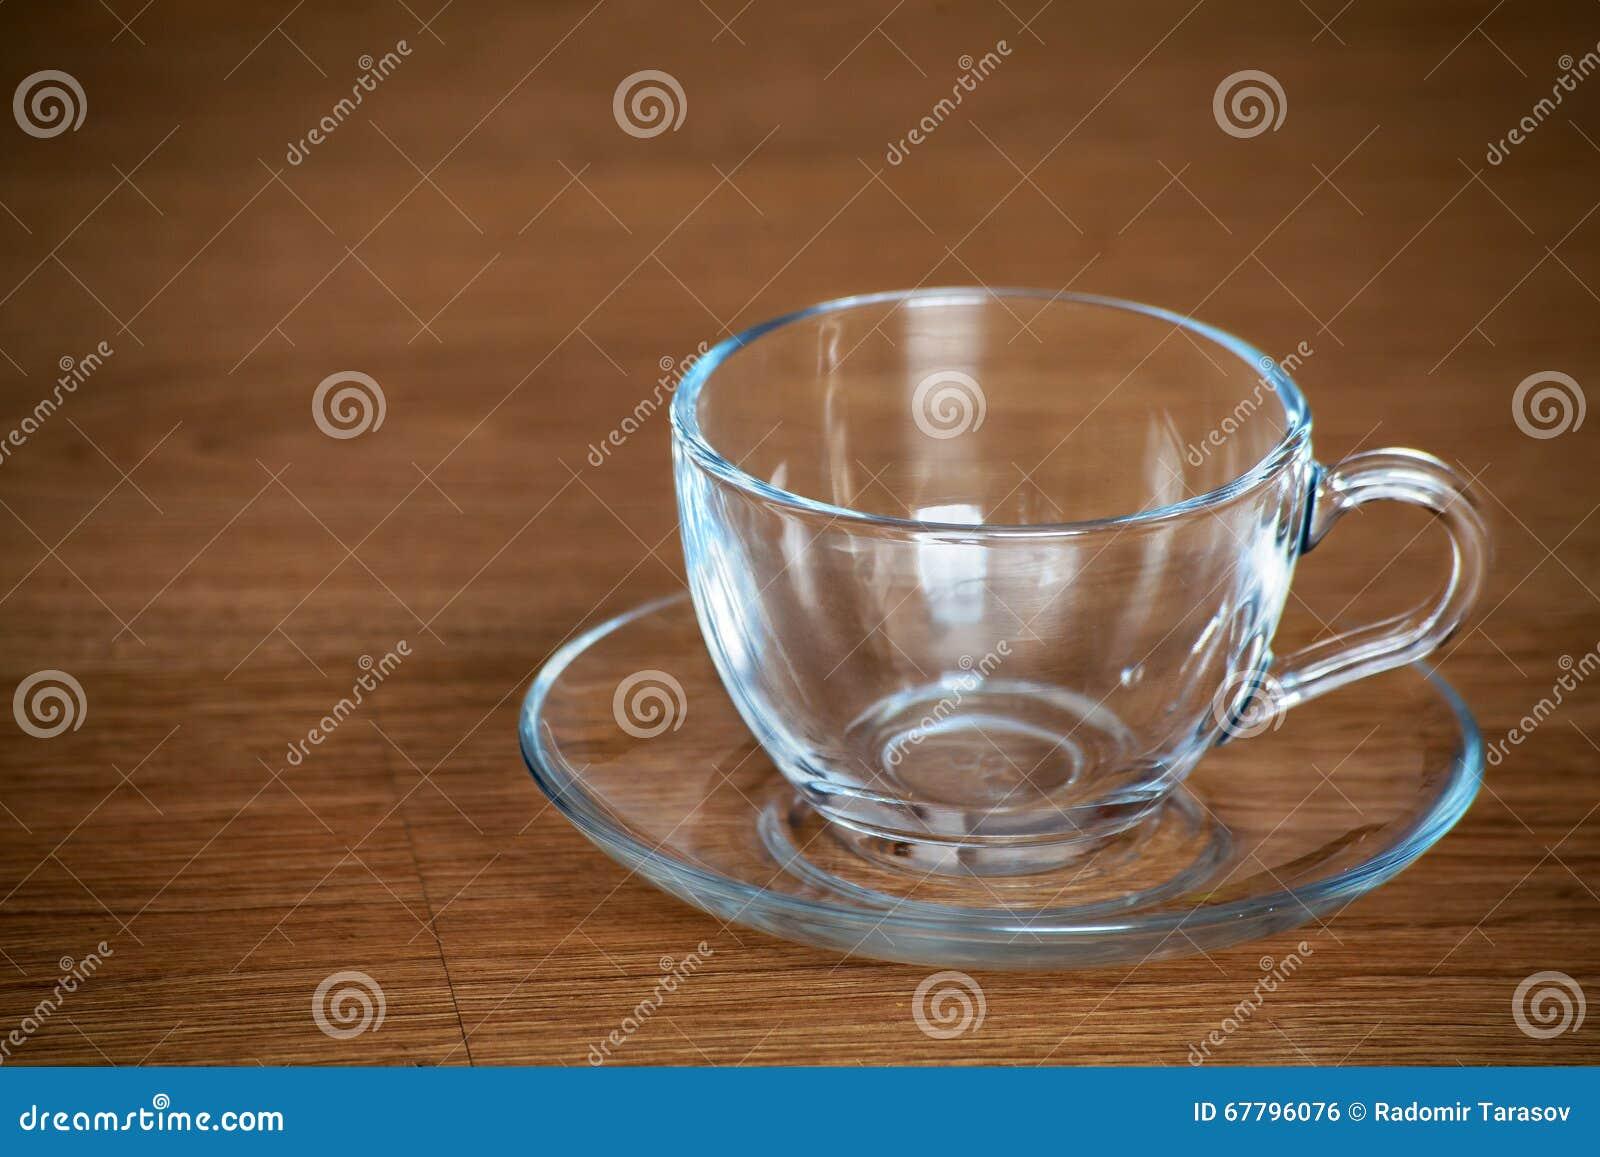 玻璃茶杯在木桌特写镜头.图片